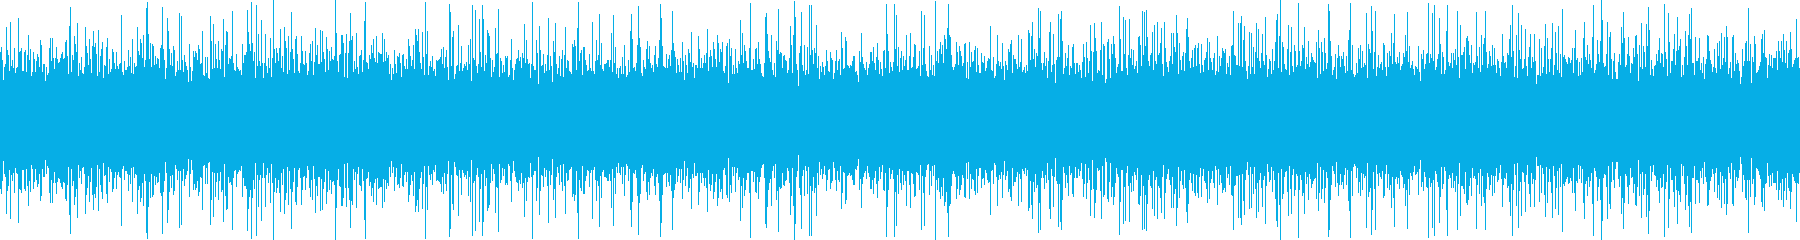 サラサラと川の流れる音の再生済みの波形